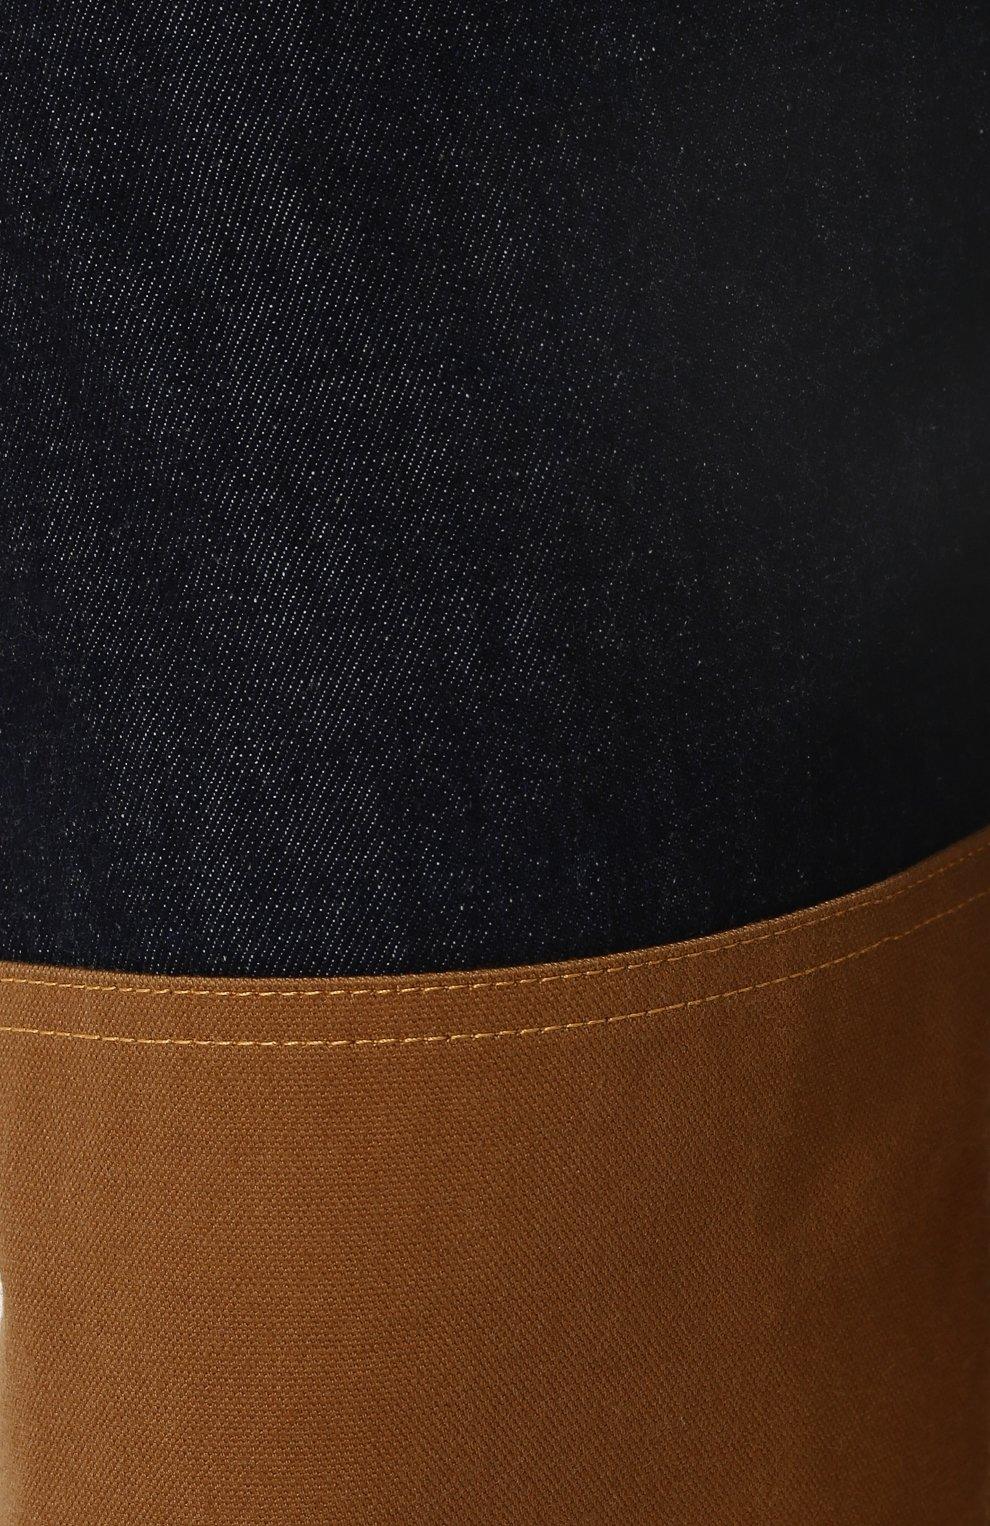 Мужские джинсы прямого кроя с отделкой junya watanabe x levi's JUNYA WATANABE синего цвета, арт. WA-P209-051 | Фото 5